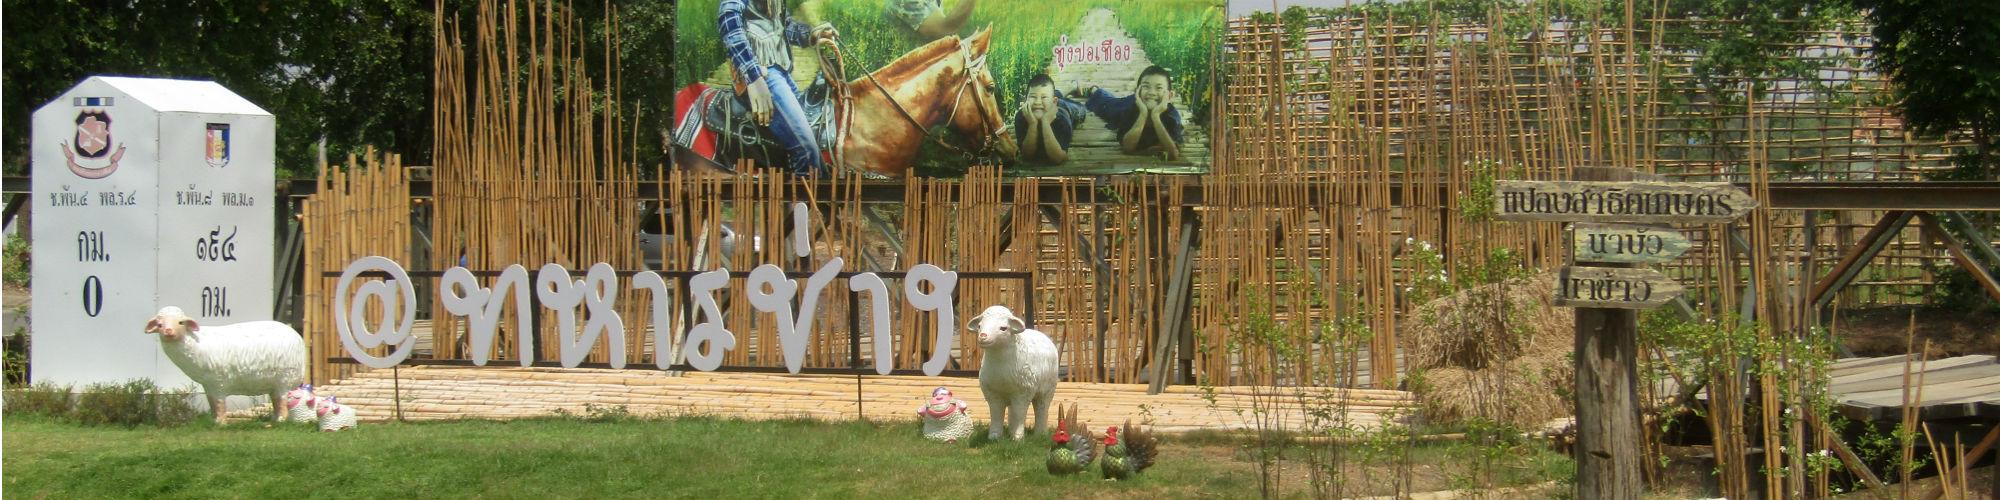 Engineer Sheep Farm, Klang Daet, Mueang Nakhon Sawan District, Nakhon Sawan Province